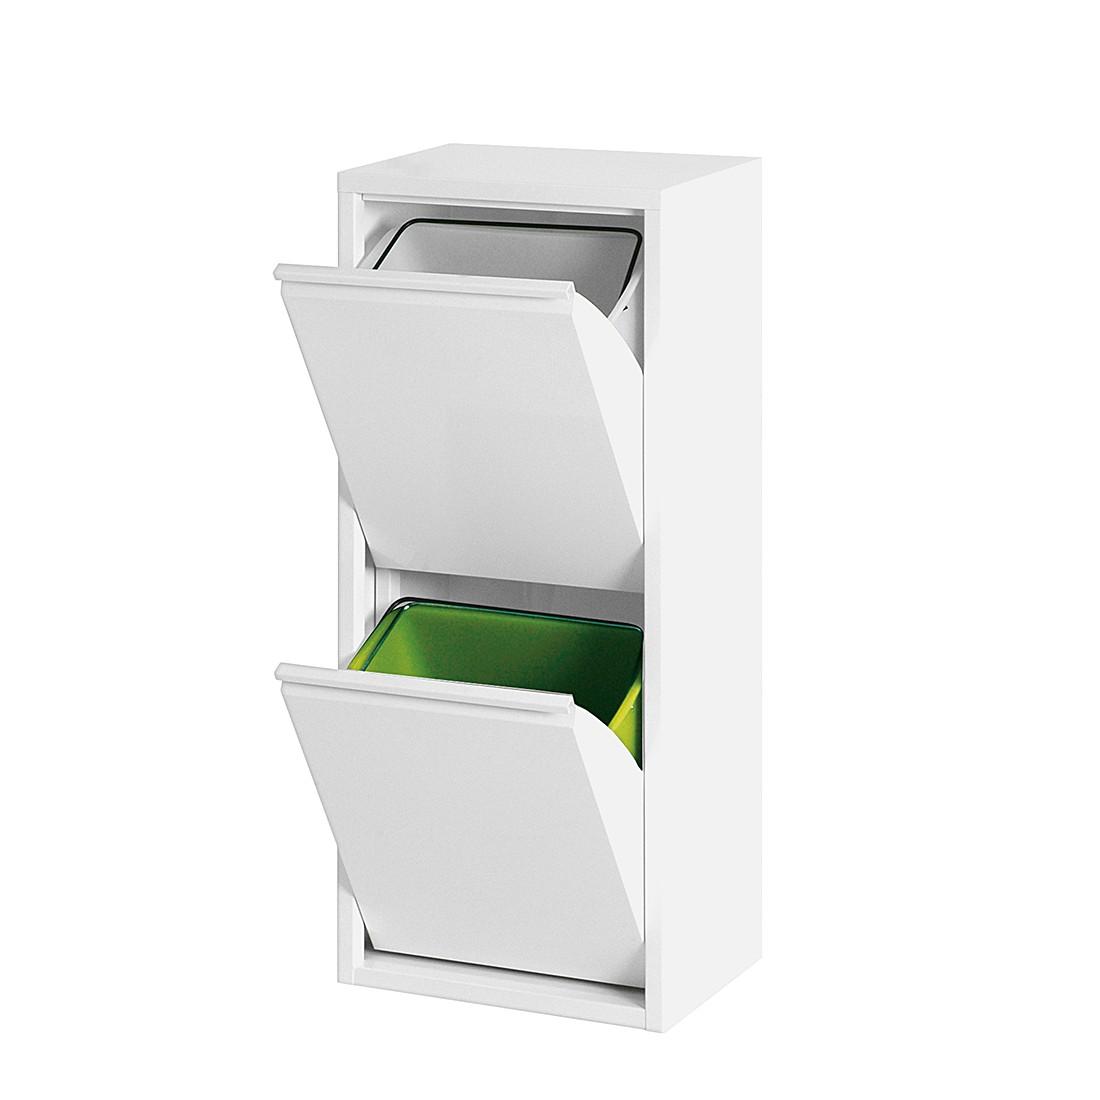 Abfallsortierer Depo – Metall – Weiß, Magazin-Möbel günstig kaufen